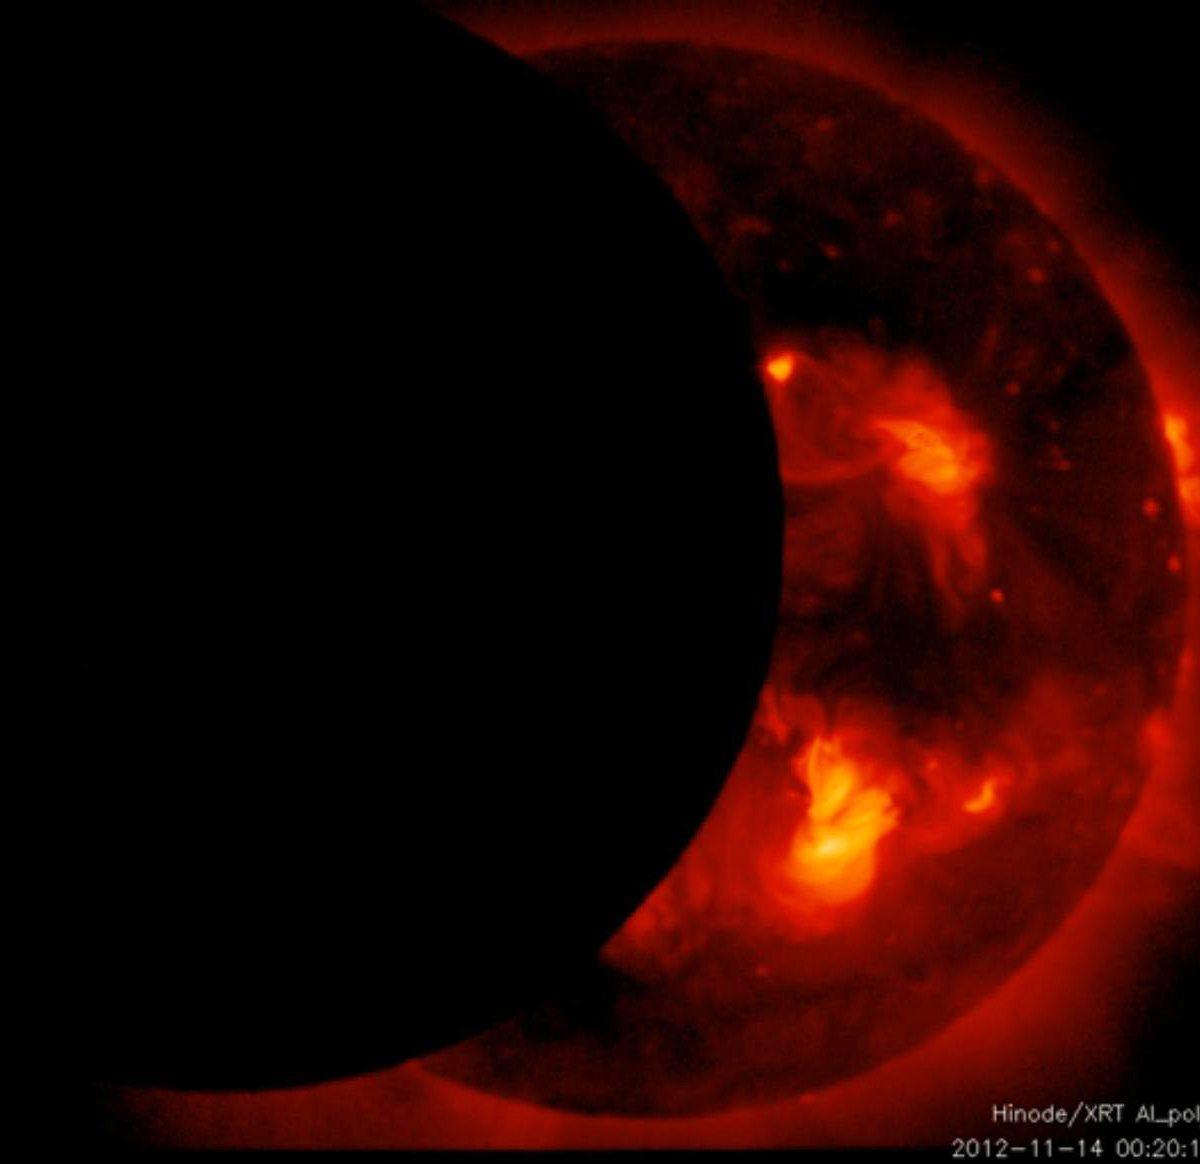 Hinode Sun-Observing Satellite